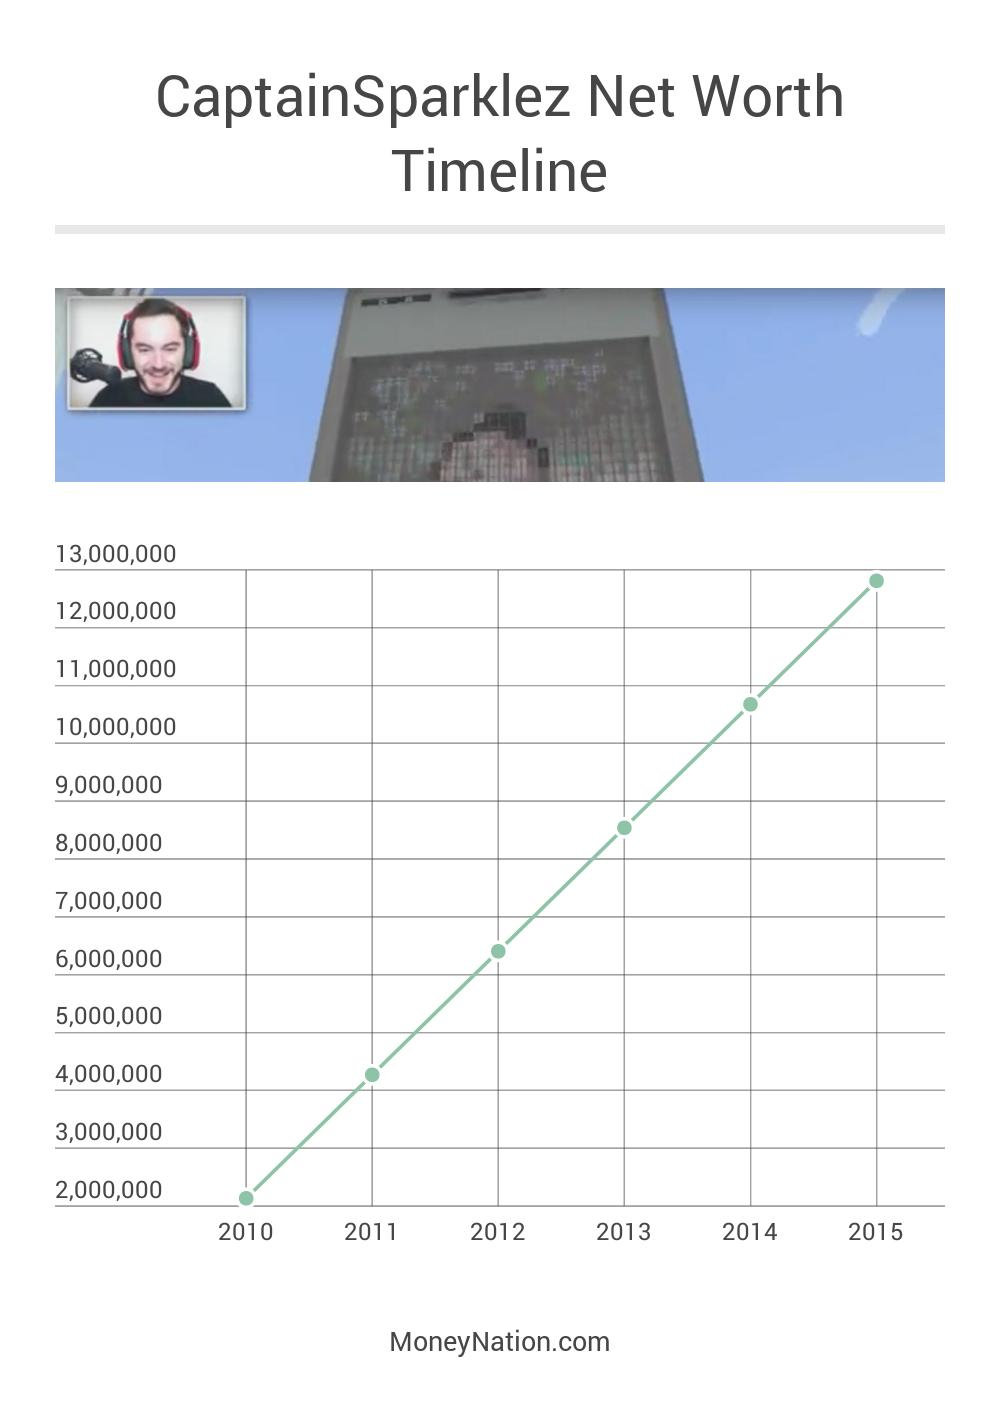 CaptainSparklez Net Worth Timeline